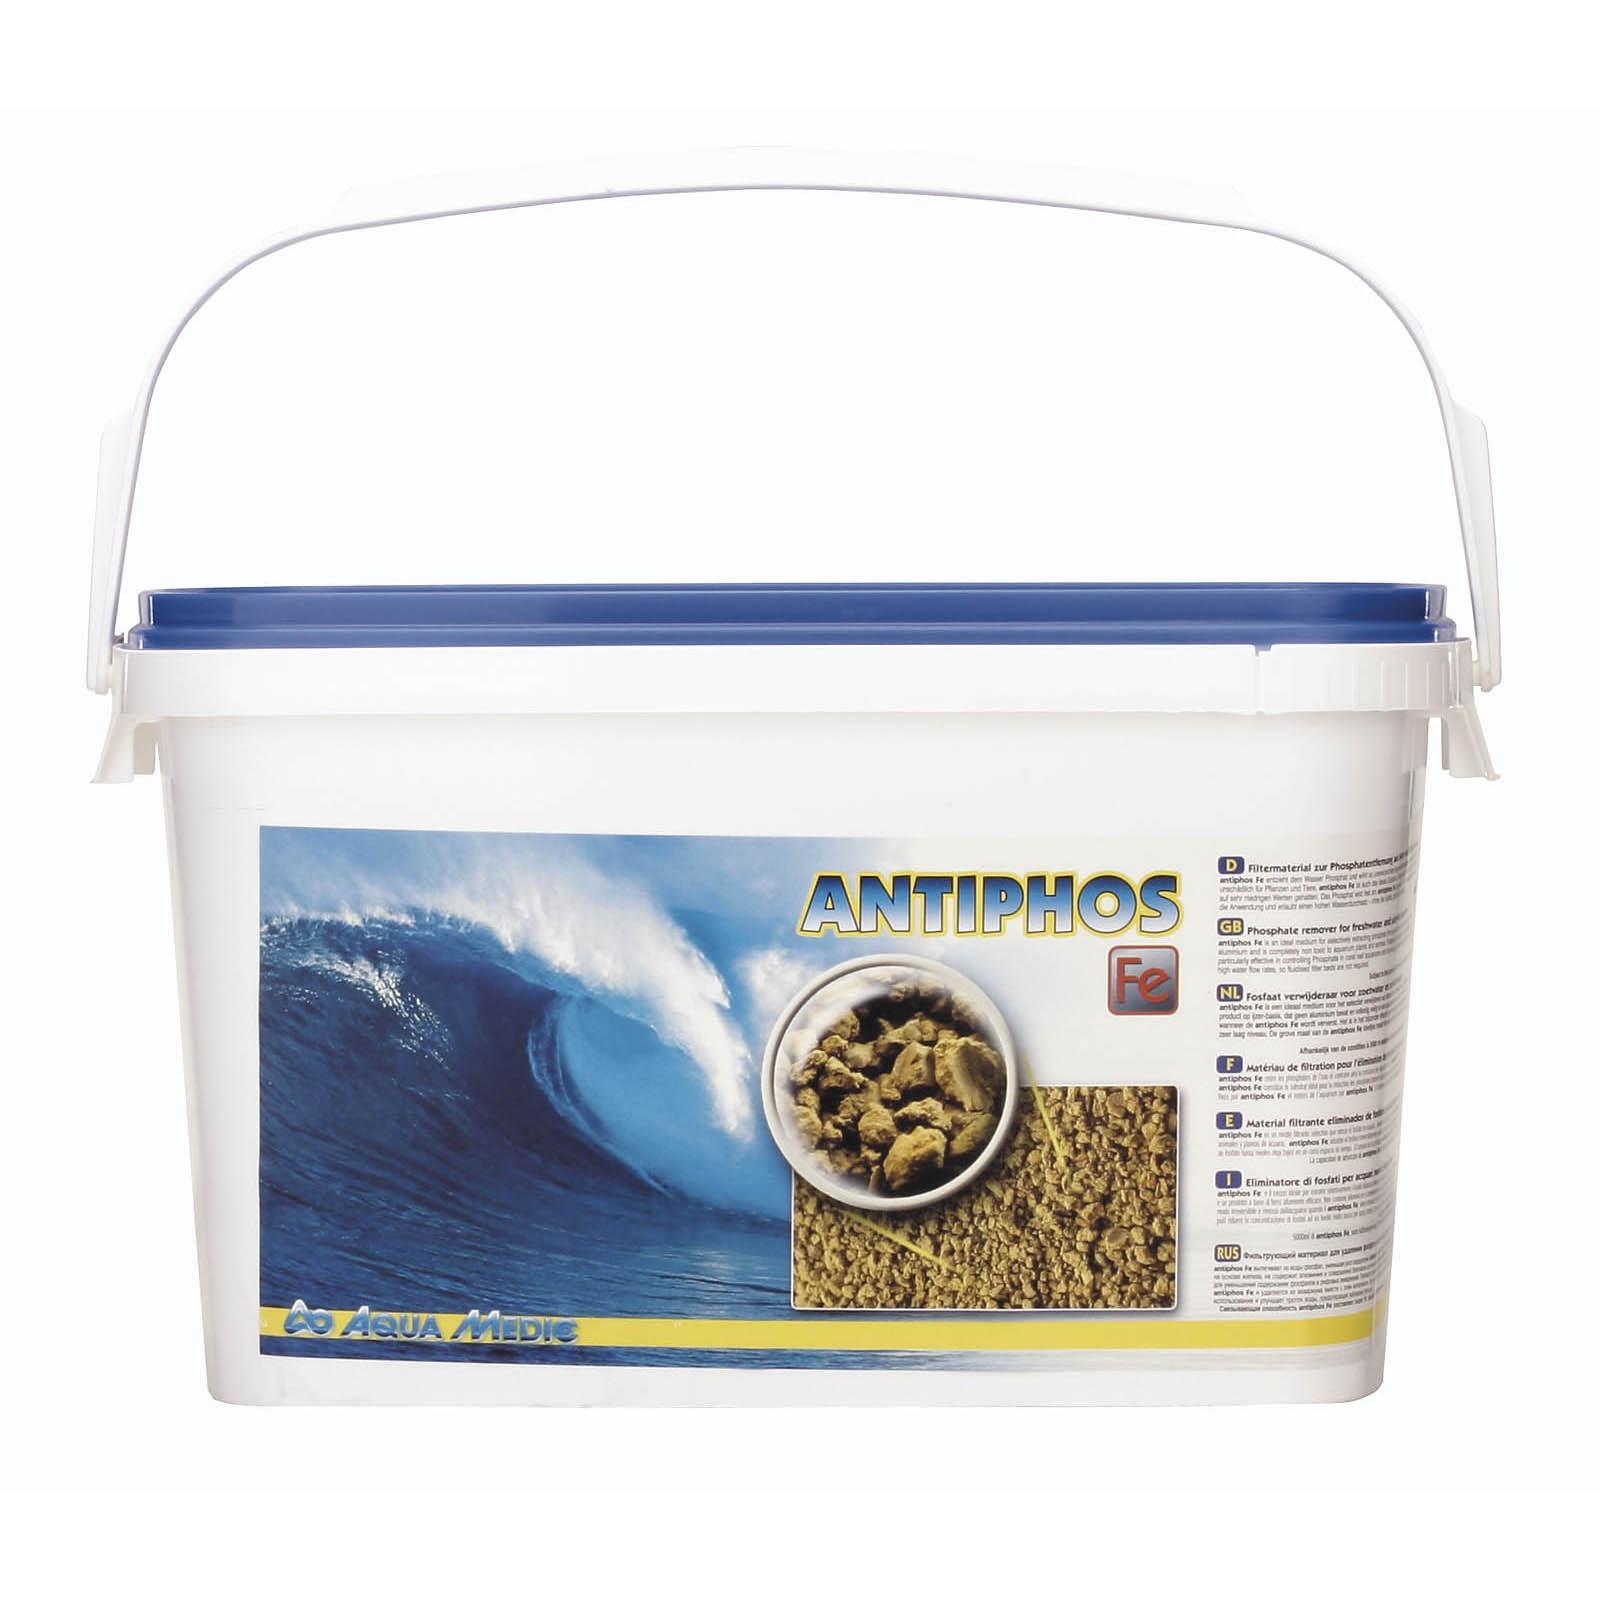 AQUA MEDIC Antiphos Fe 5 L élimine les phosphates en eau douce et en eau de mer